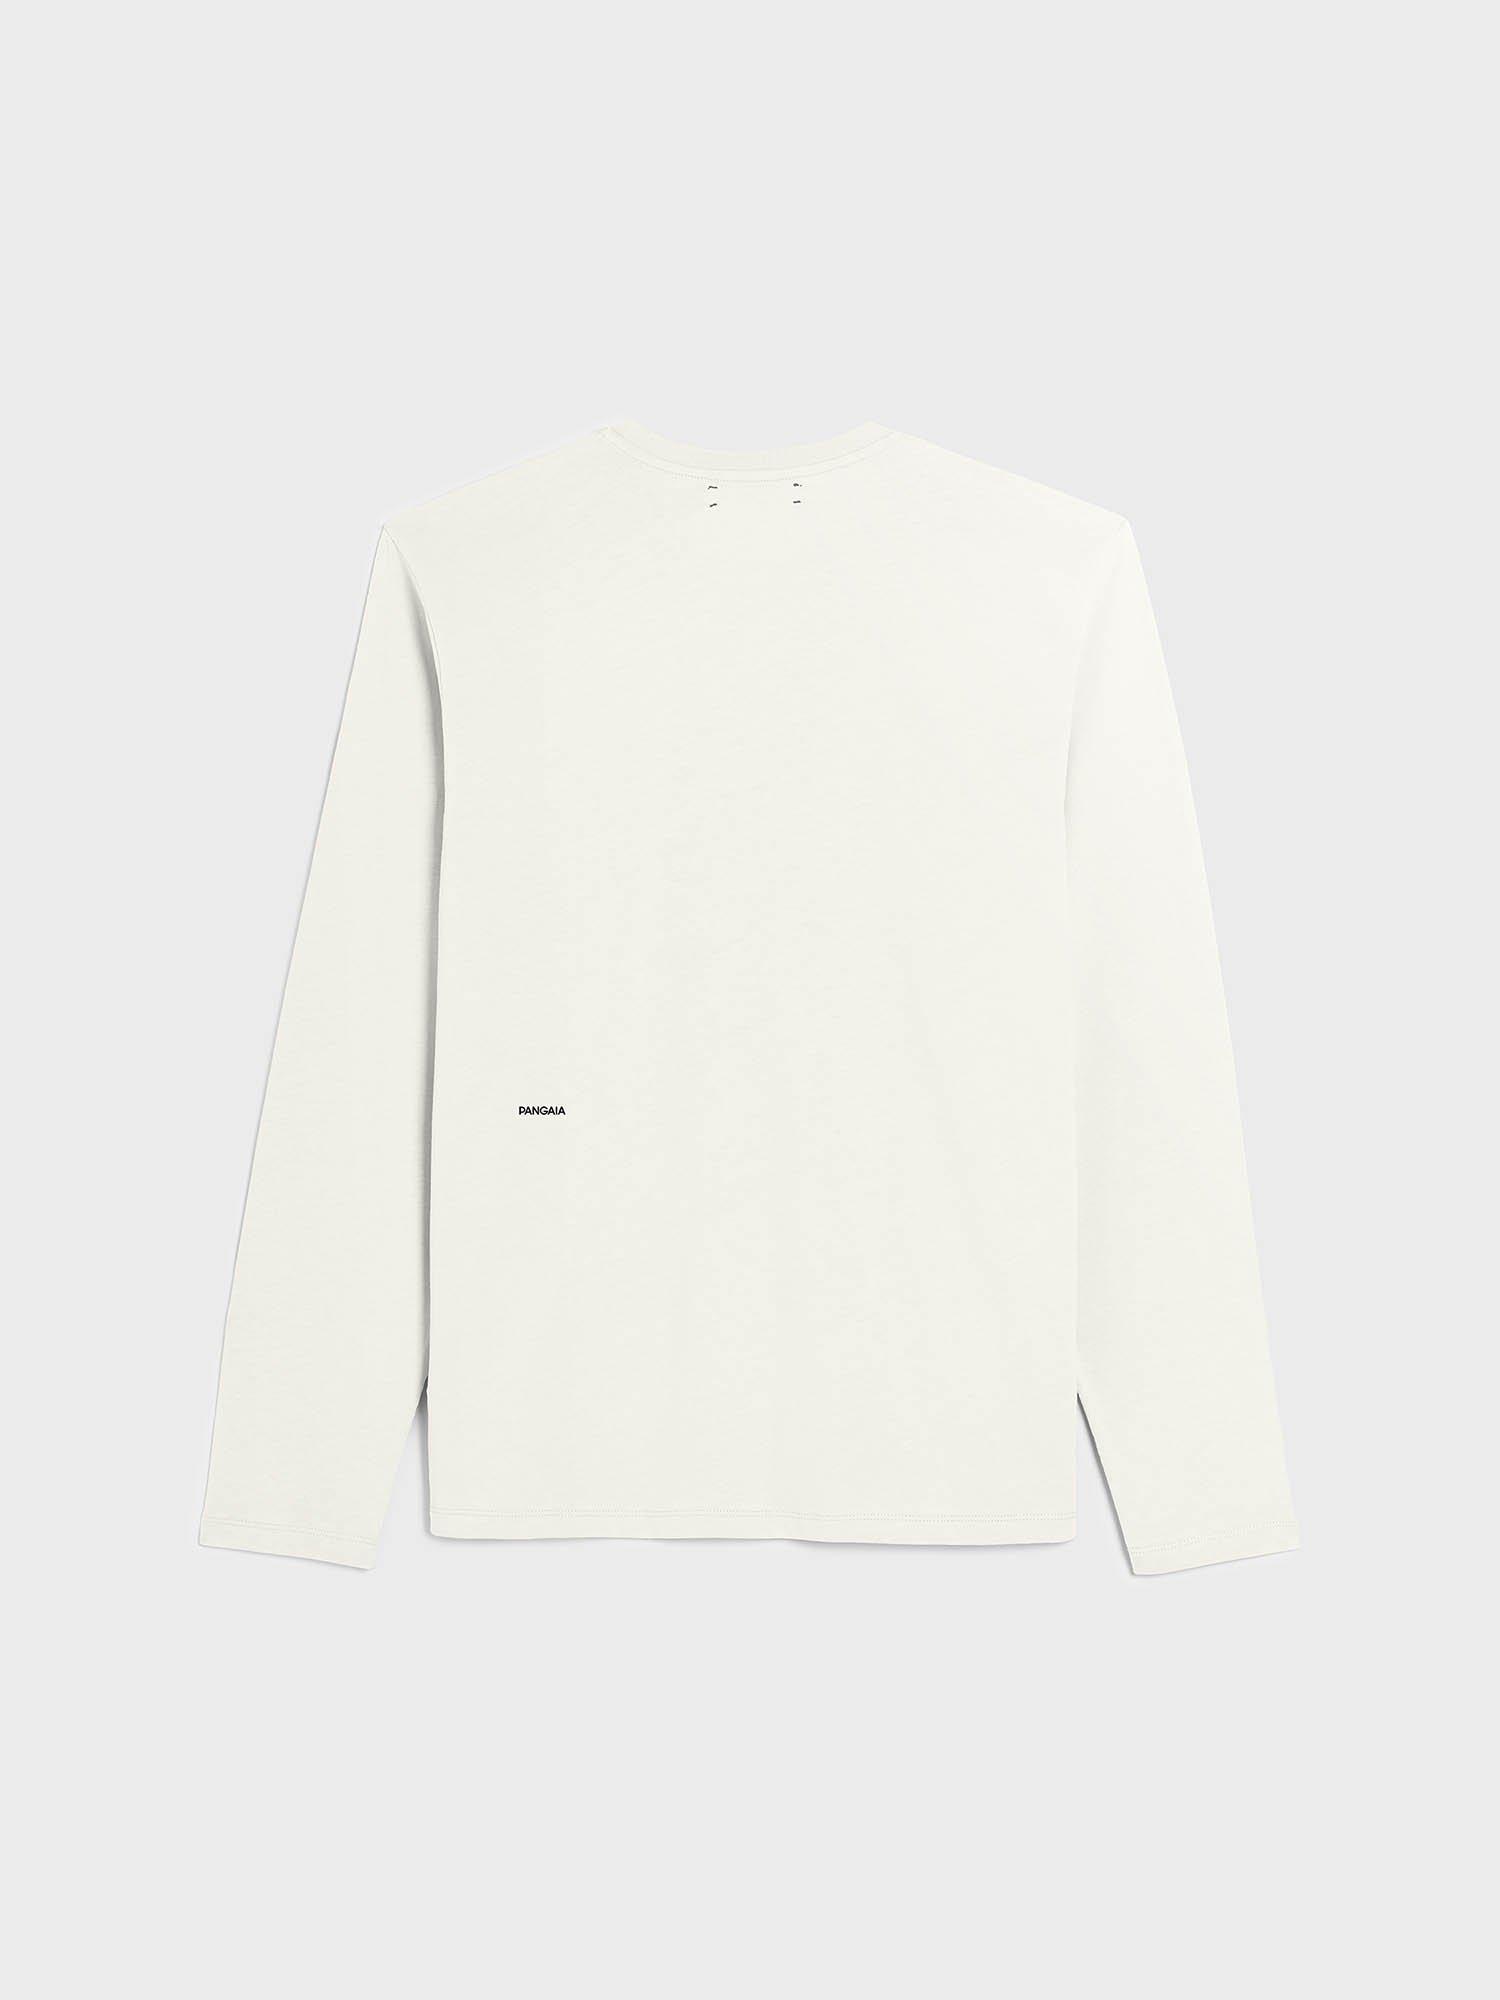 Pangaia Organic Cotton Long Sleeve T-shirt with C-FIBER™